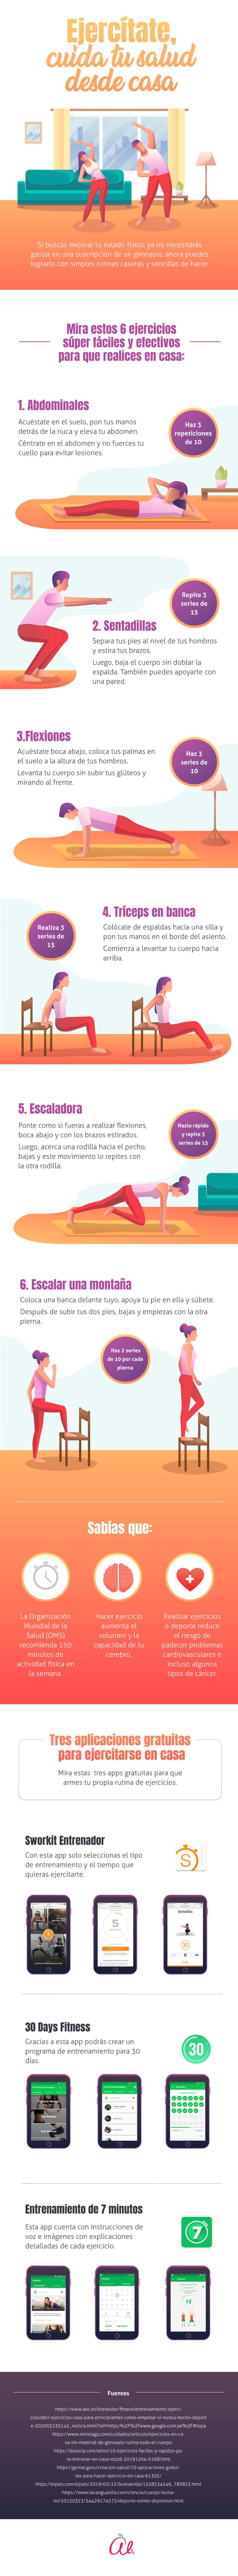 ejercicios para hacer en casa - Infografia